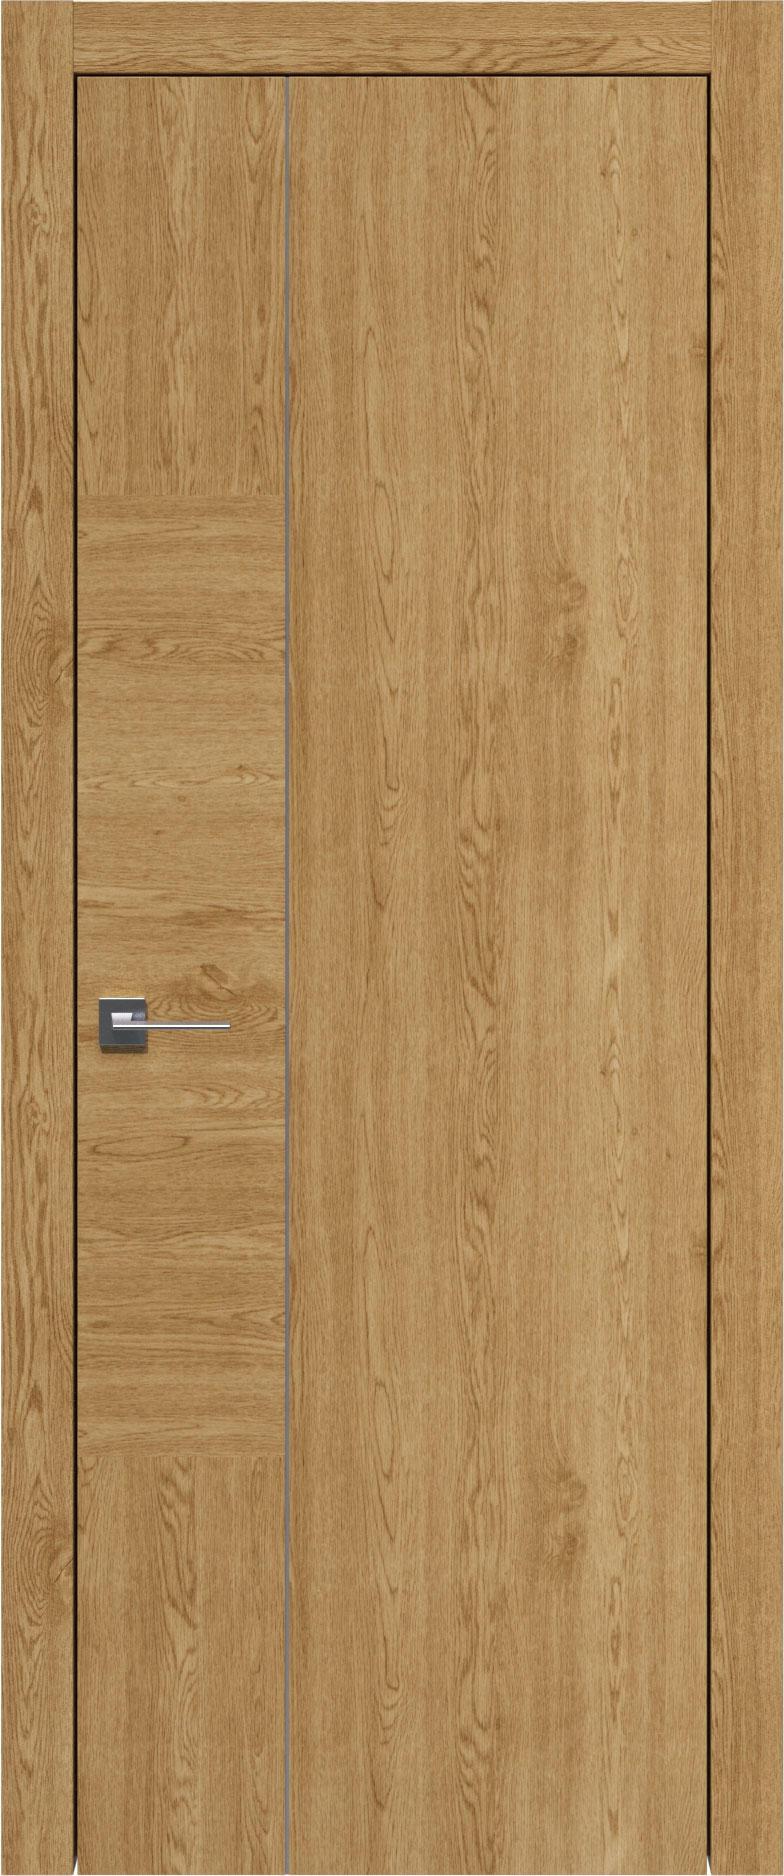 Tivoli В-1 цвет - Дуб натуральный Без стекла (ДГ)